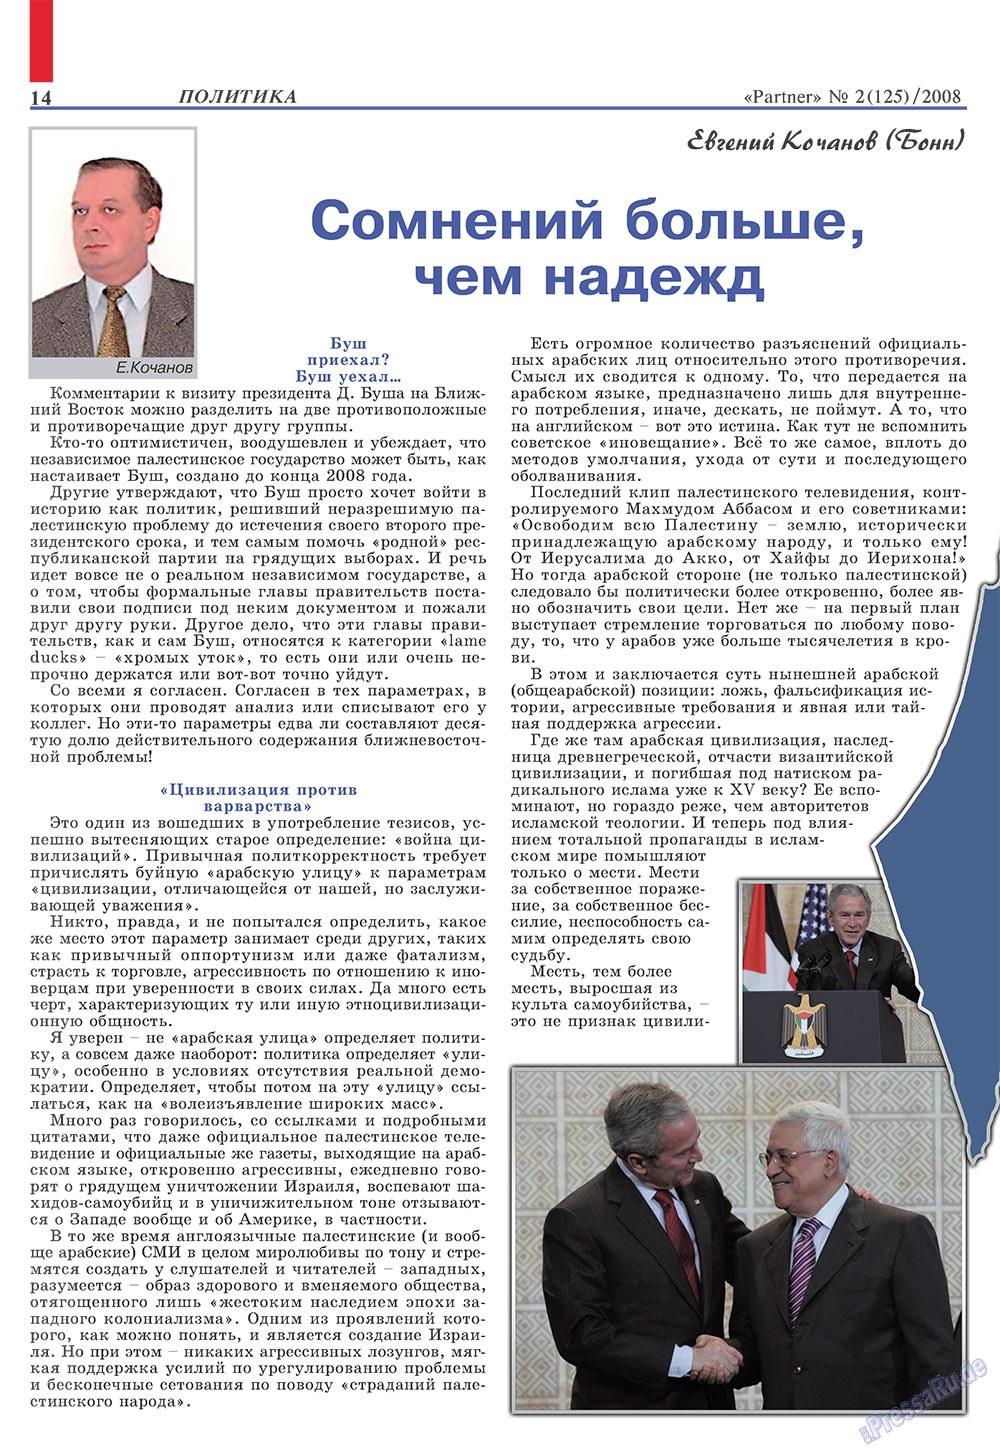 Партнер (журнал). 2008 год, номер 2, стр. 14